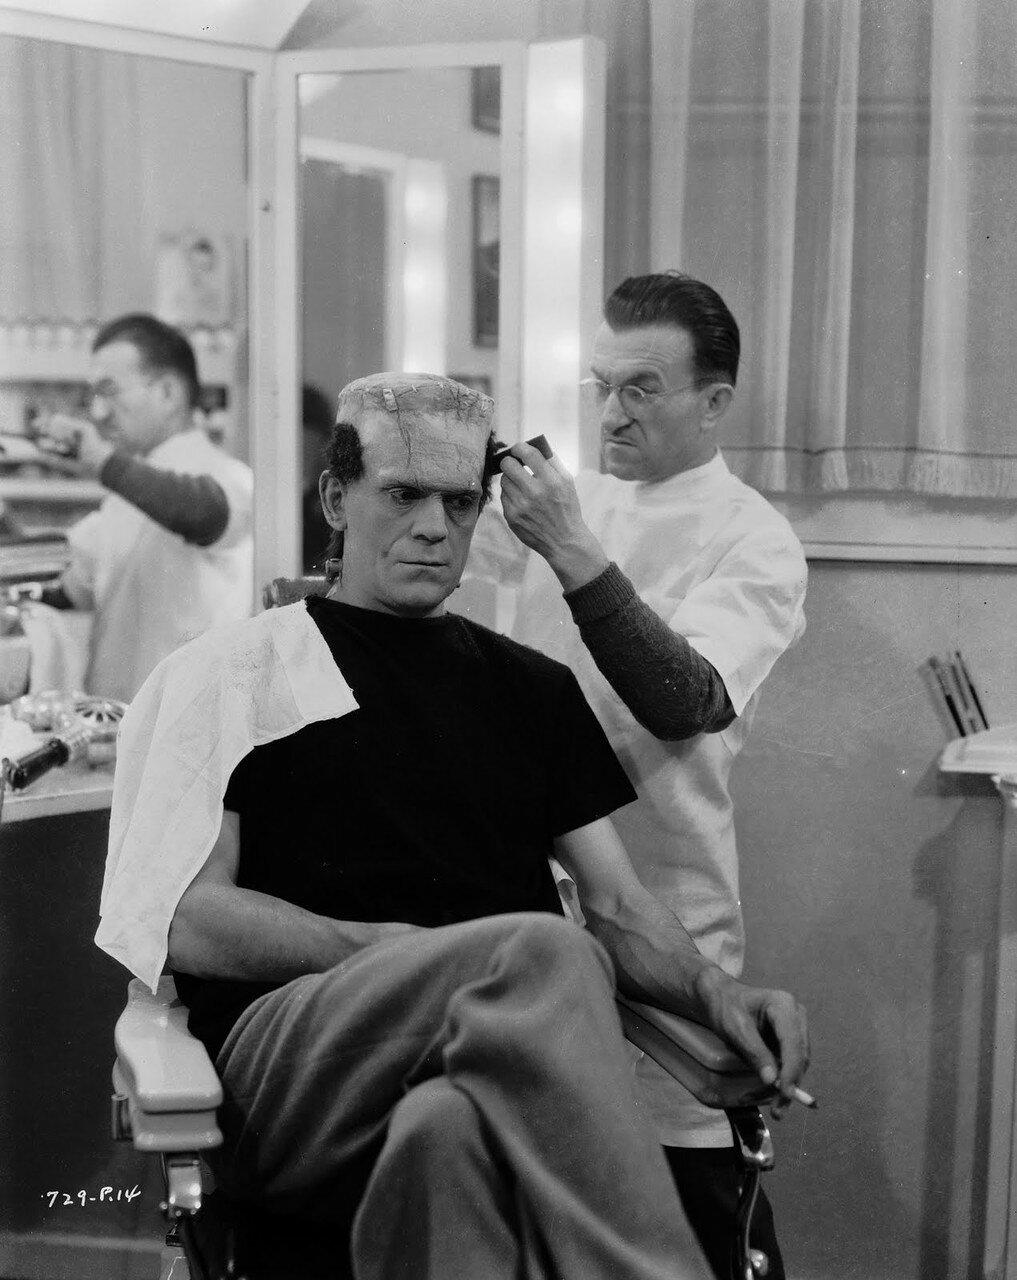 1935. Борис Карлофф гримируется на съемках фильма «Невеста Франкенштейна»